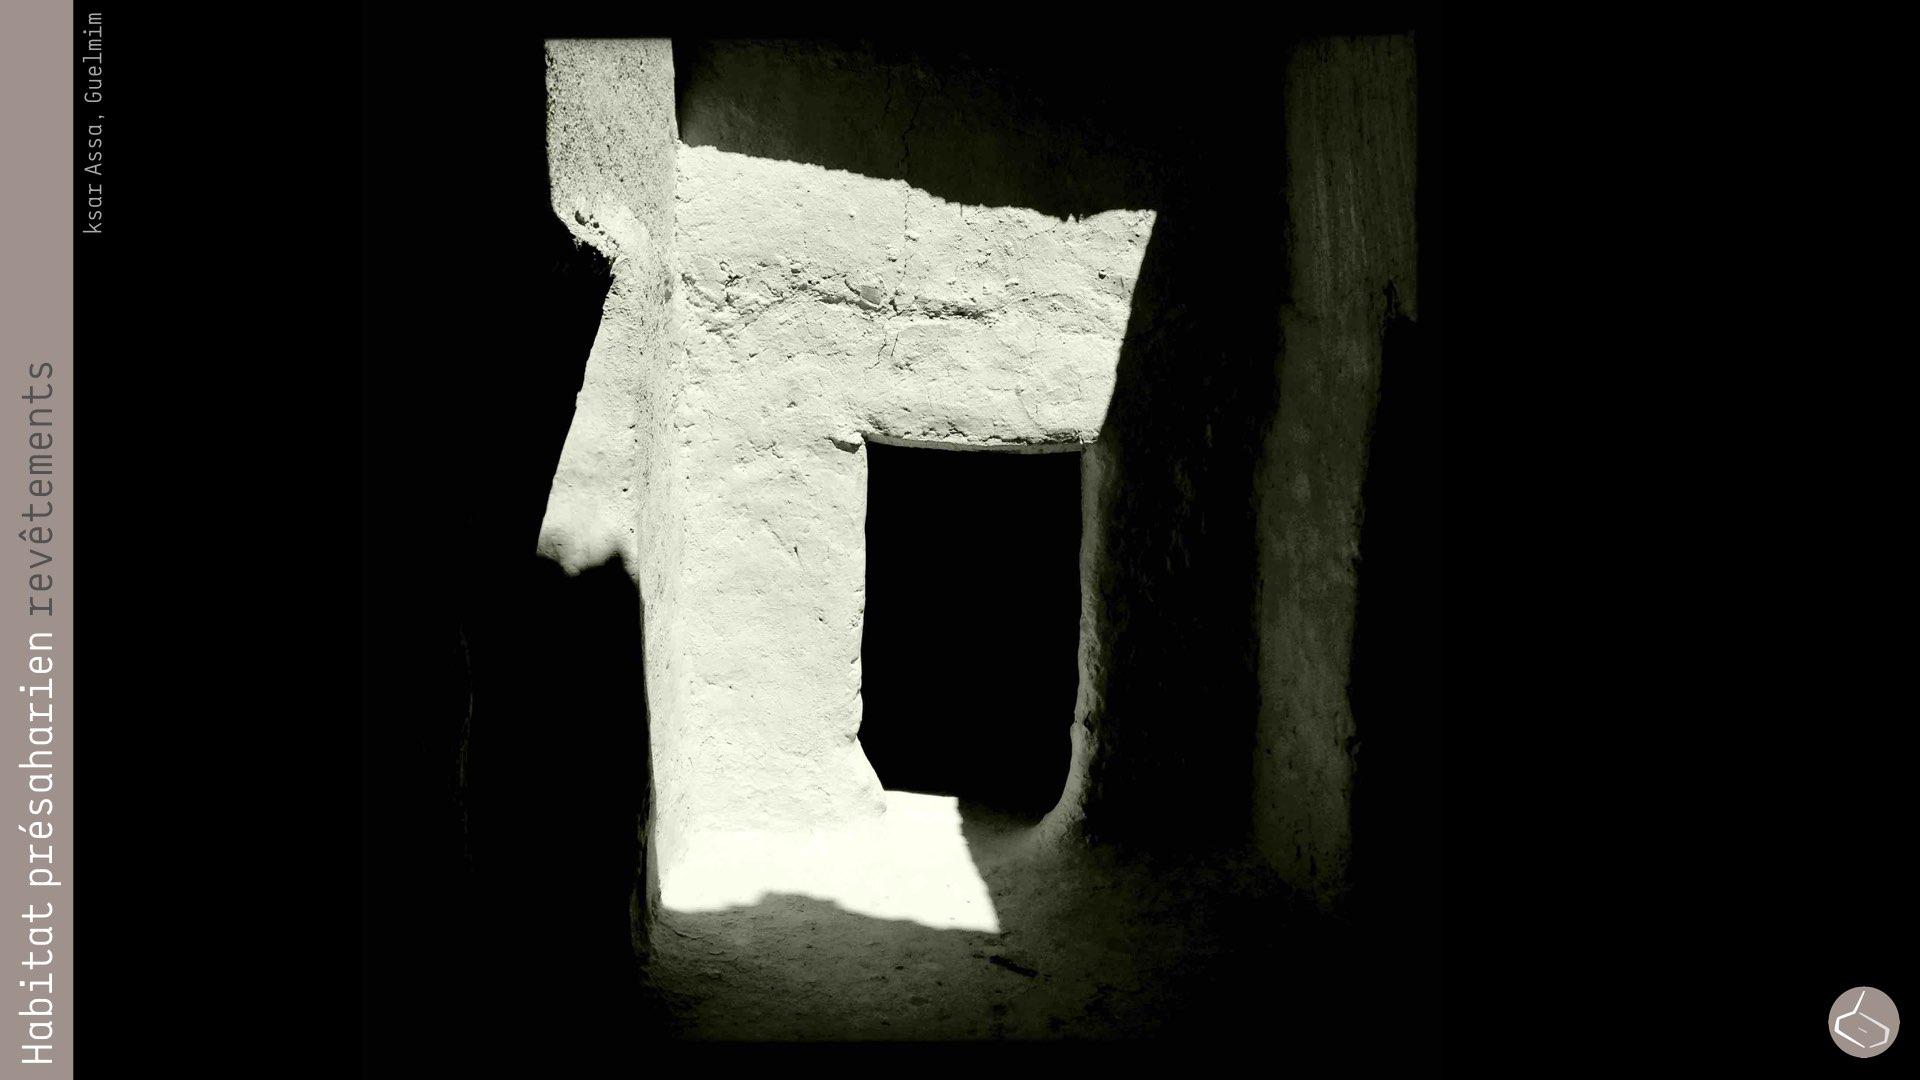 65. De fois, ils rajoutent une couche finale à base de colle à bois, qui permet de respirer le mur et empêche la décomposition du torchis. En tout cas, le meilleur revêtement pour les murs en terre reste l'enduit de chaux et sable. Malheureusement l'absence historique des fours à chaux a fait que ce matériel n'ait pas été très utilisé. On l'a vu au ksar d'Assa (Guelmim) et dans la casbah Al-Alouj de M'hamid (Zagora).       65. Sometimes, they add a final layer based wood glue, which let the wall breathe and prevents the decomposition of mud. Anyway, the best coating for earthen walls remains a coating of lime and sand. Unfortunately, the historical lack of lime kilns made this material not widely used. We just saw it in the ksar of Assa (Guelmim) and the kasbah Al-Alouj M'hamid (Zagora).     Ksar Assa: https://www.facebook.com/media/set/?set=a.10151844072978844.1073741843.667383843&type=3     Casbah Al-alouj: https://goo.gl/photos/T8rdTyPuEsQ9ch2p8